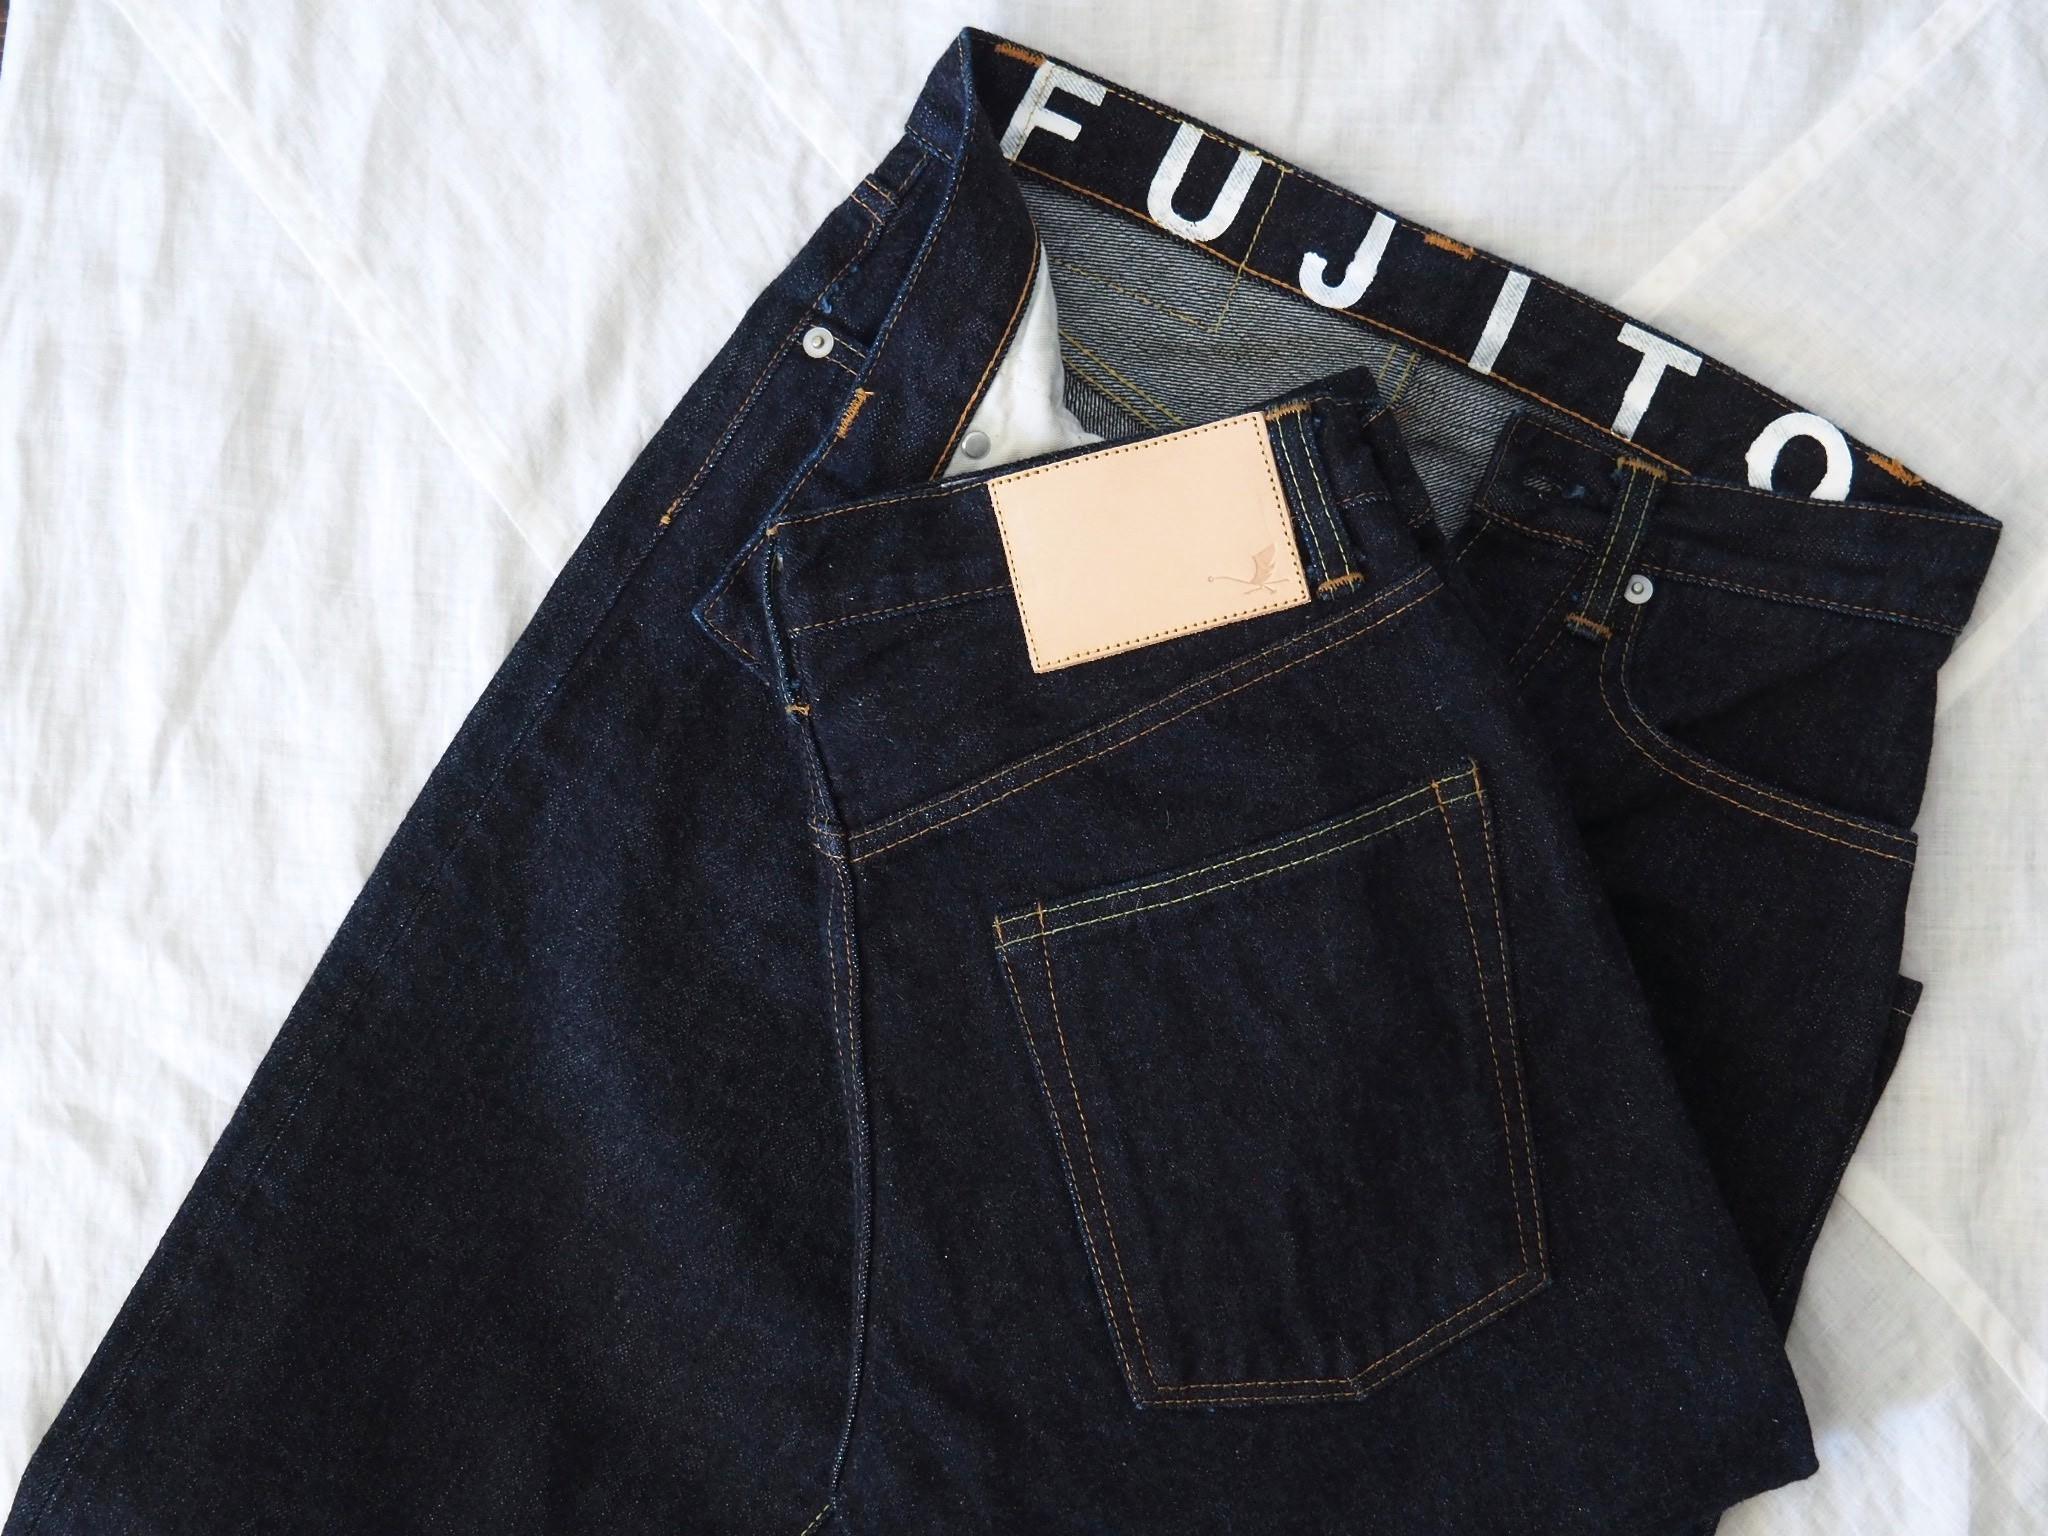 FUJITO Denim Jeansが入荷しました